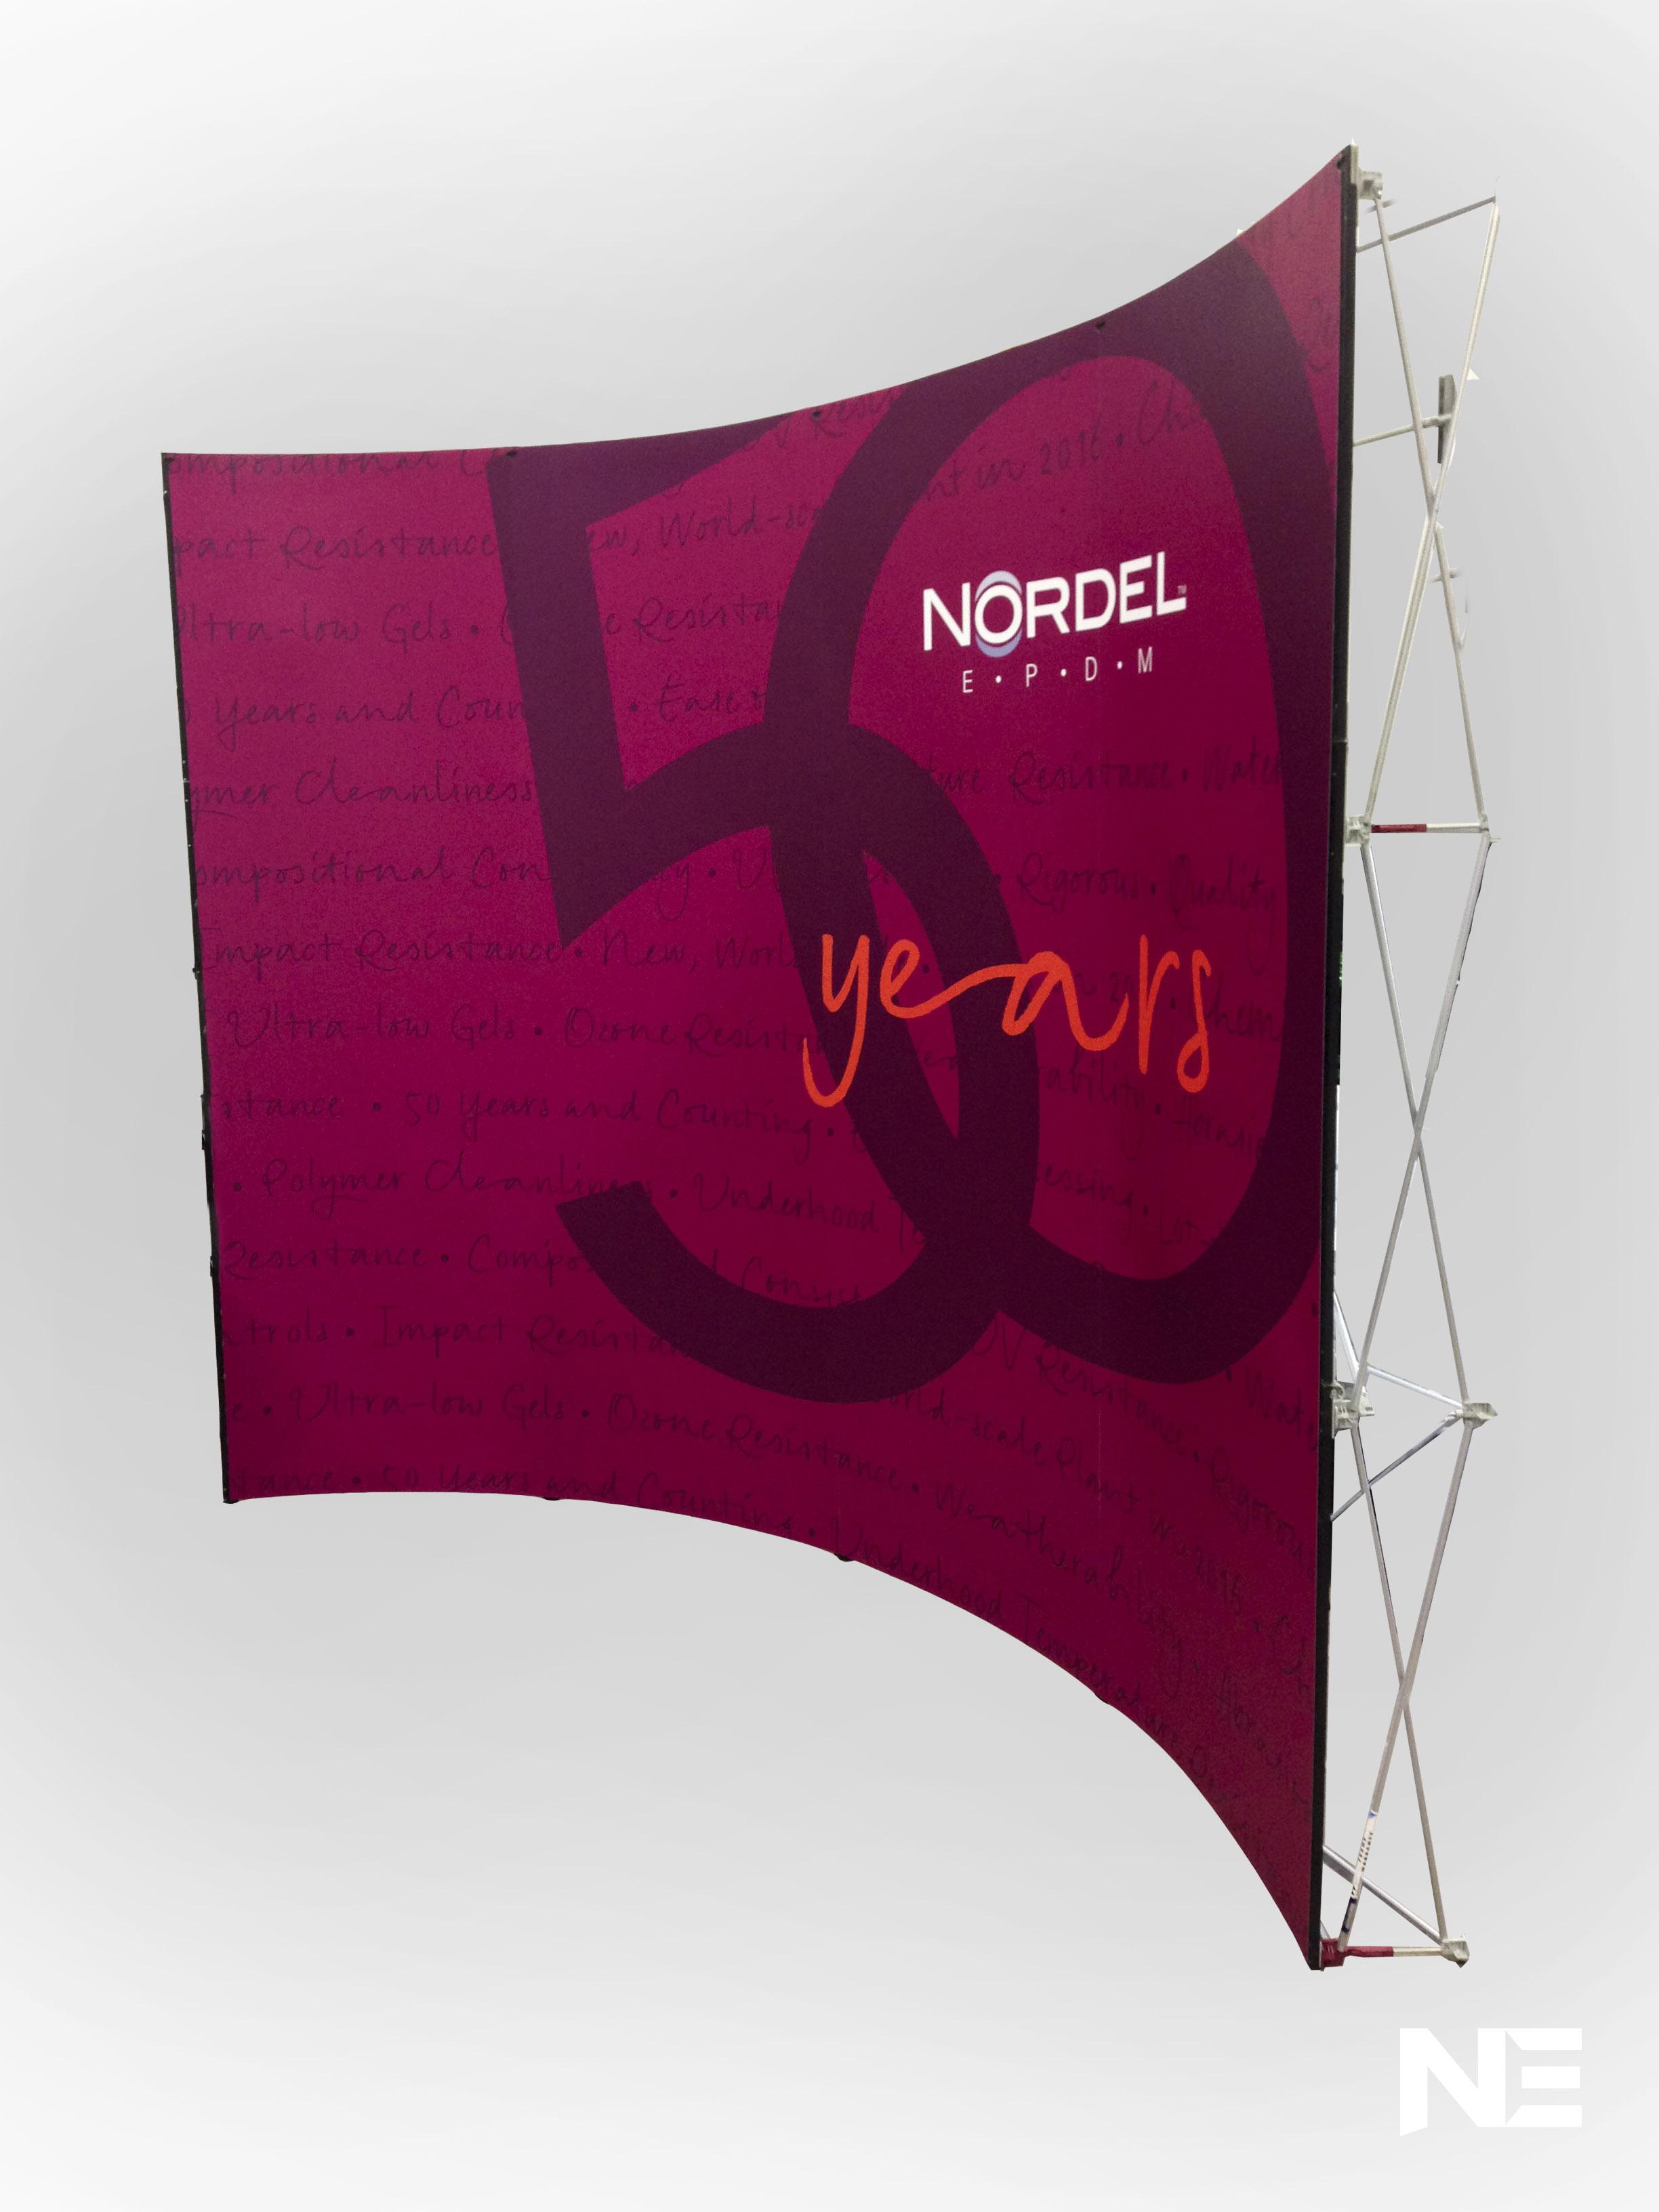 Nordel